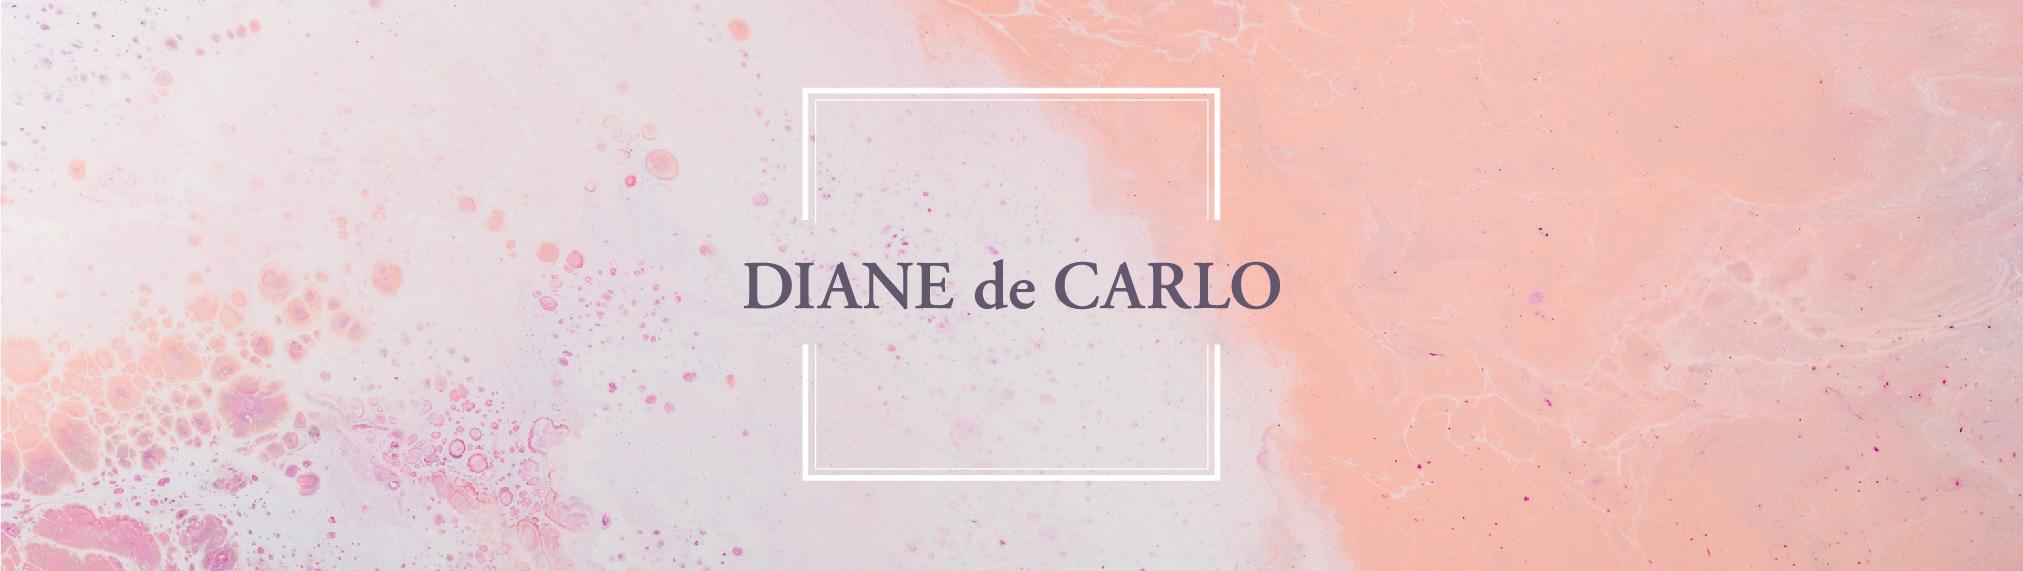 Diane de Carlo